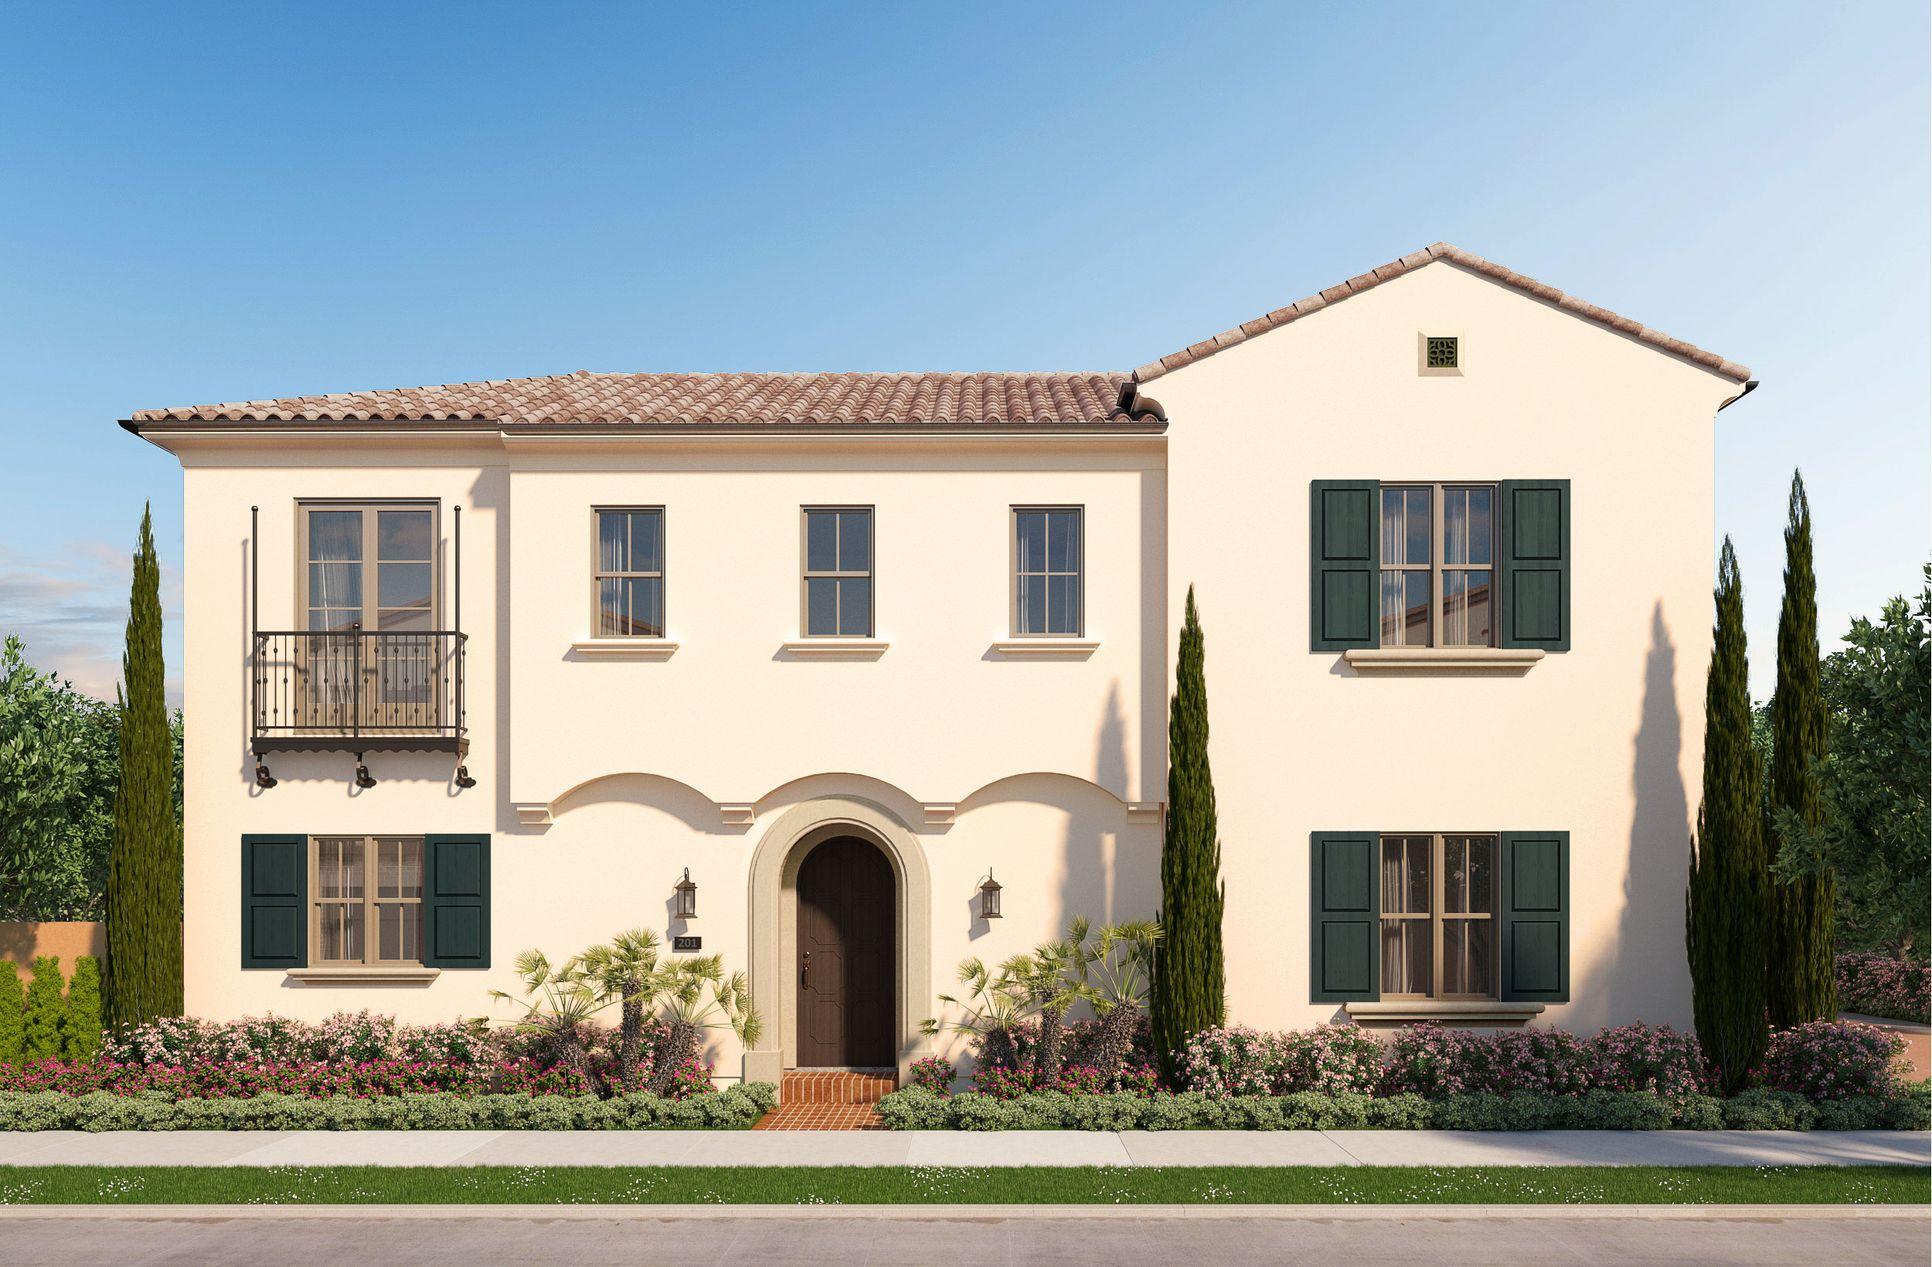 Residence 1 at Bluffs:Santa Barbara Style